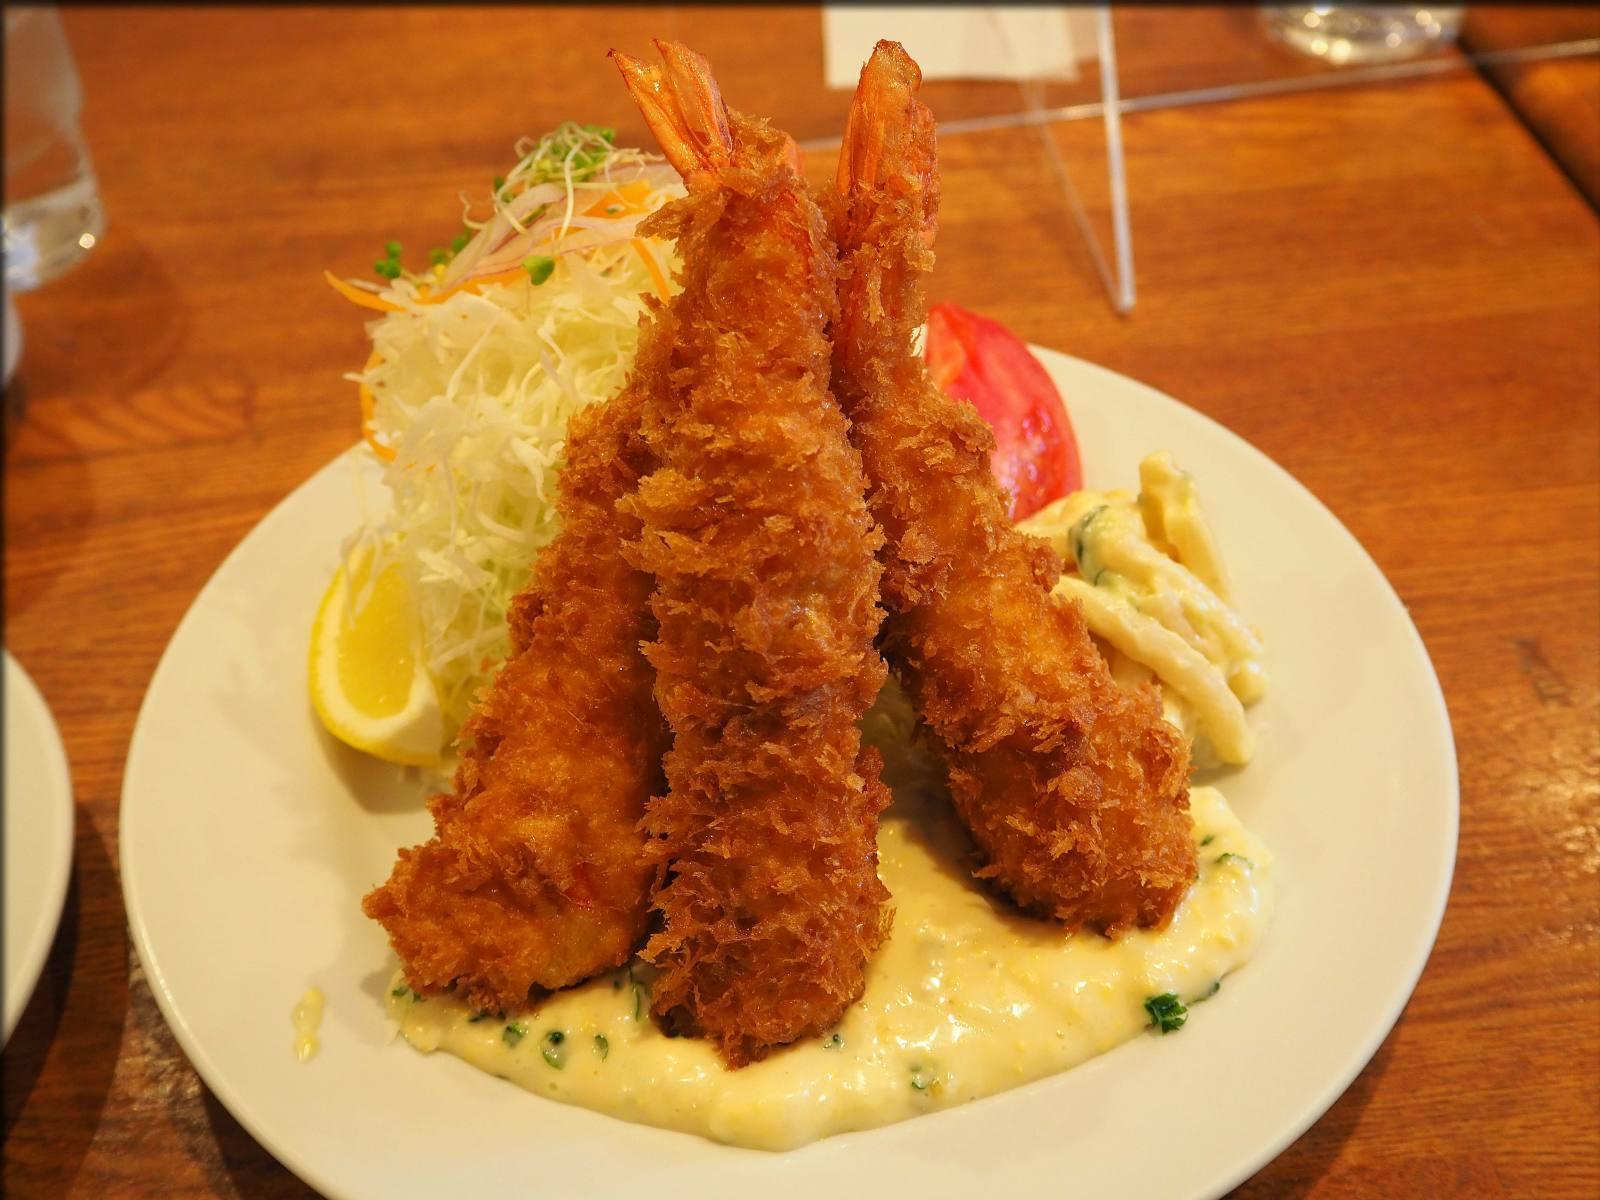 レストラン サカキでエビフライ@京橋 - 人形町からごちそうさま